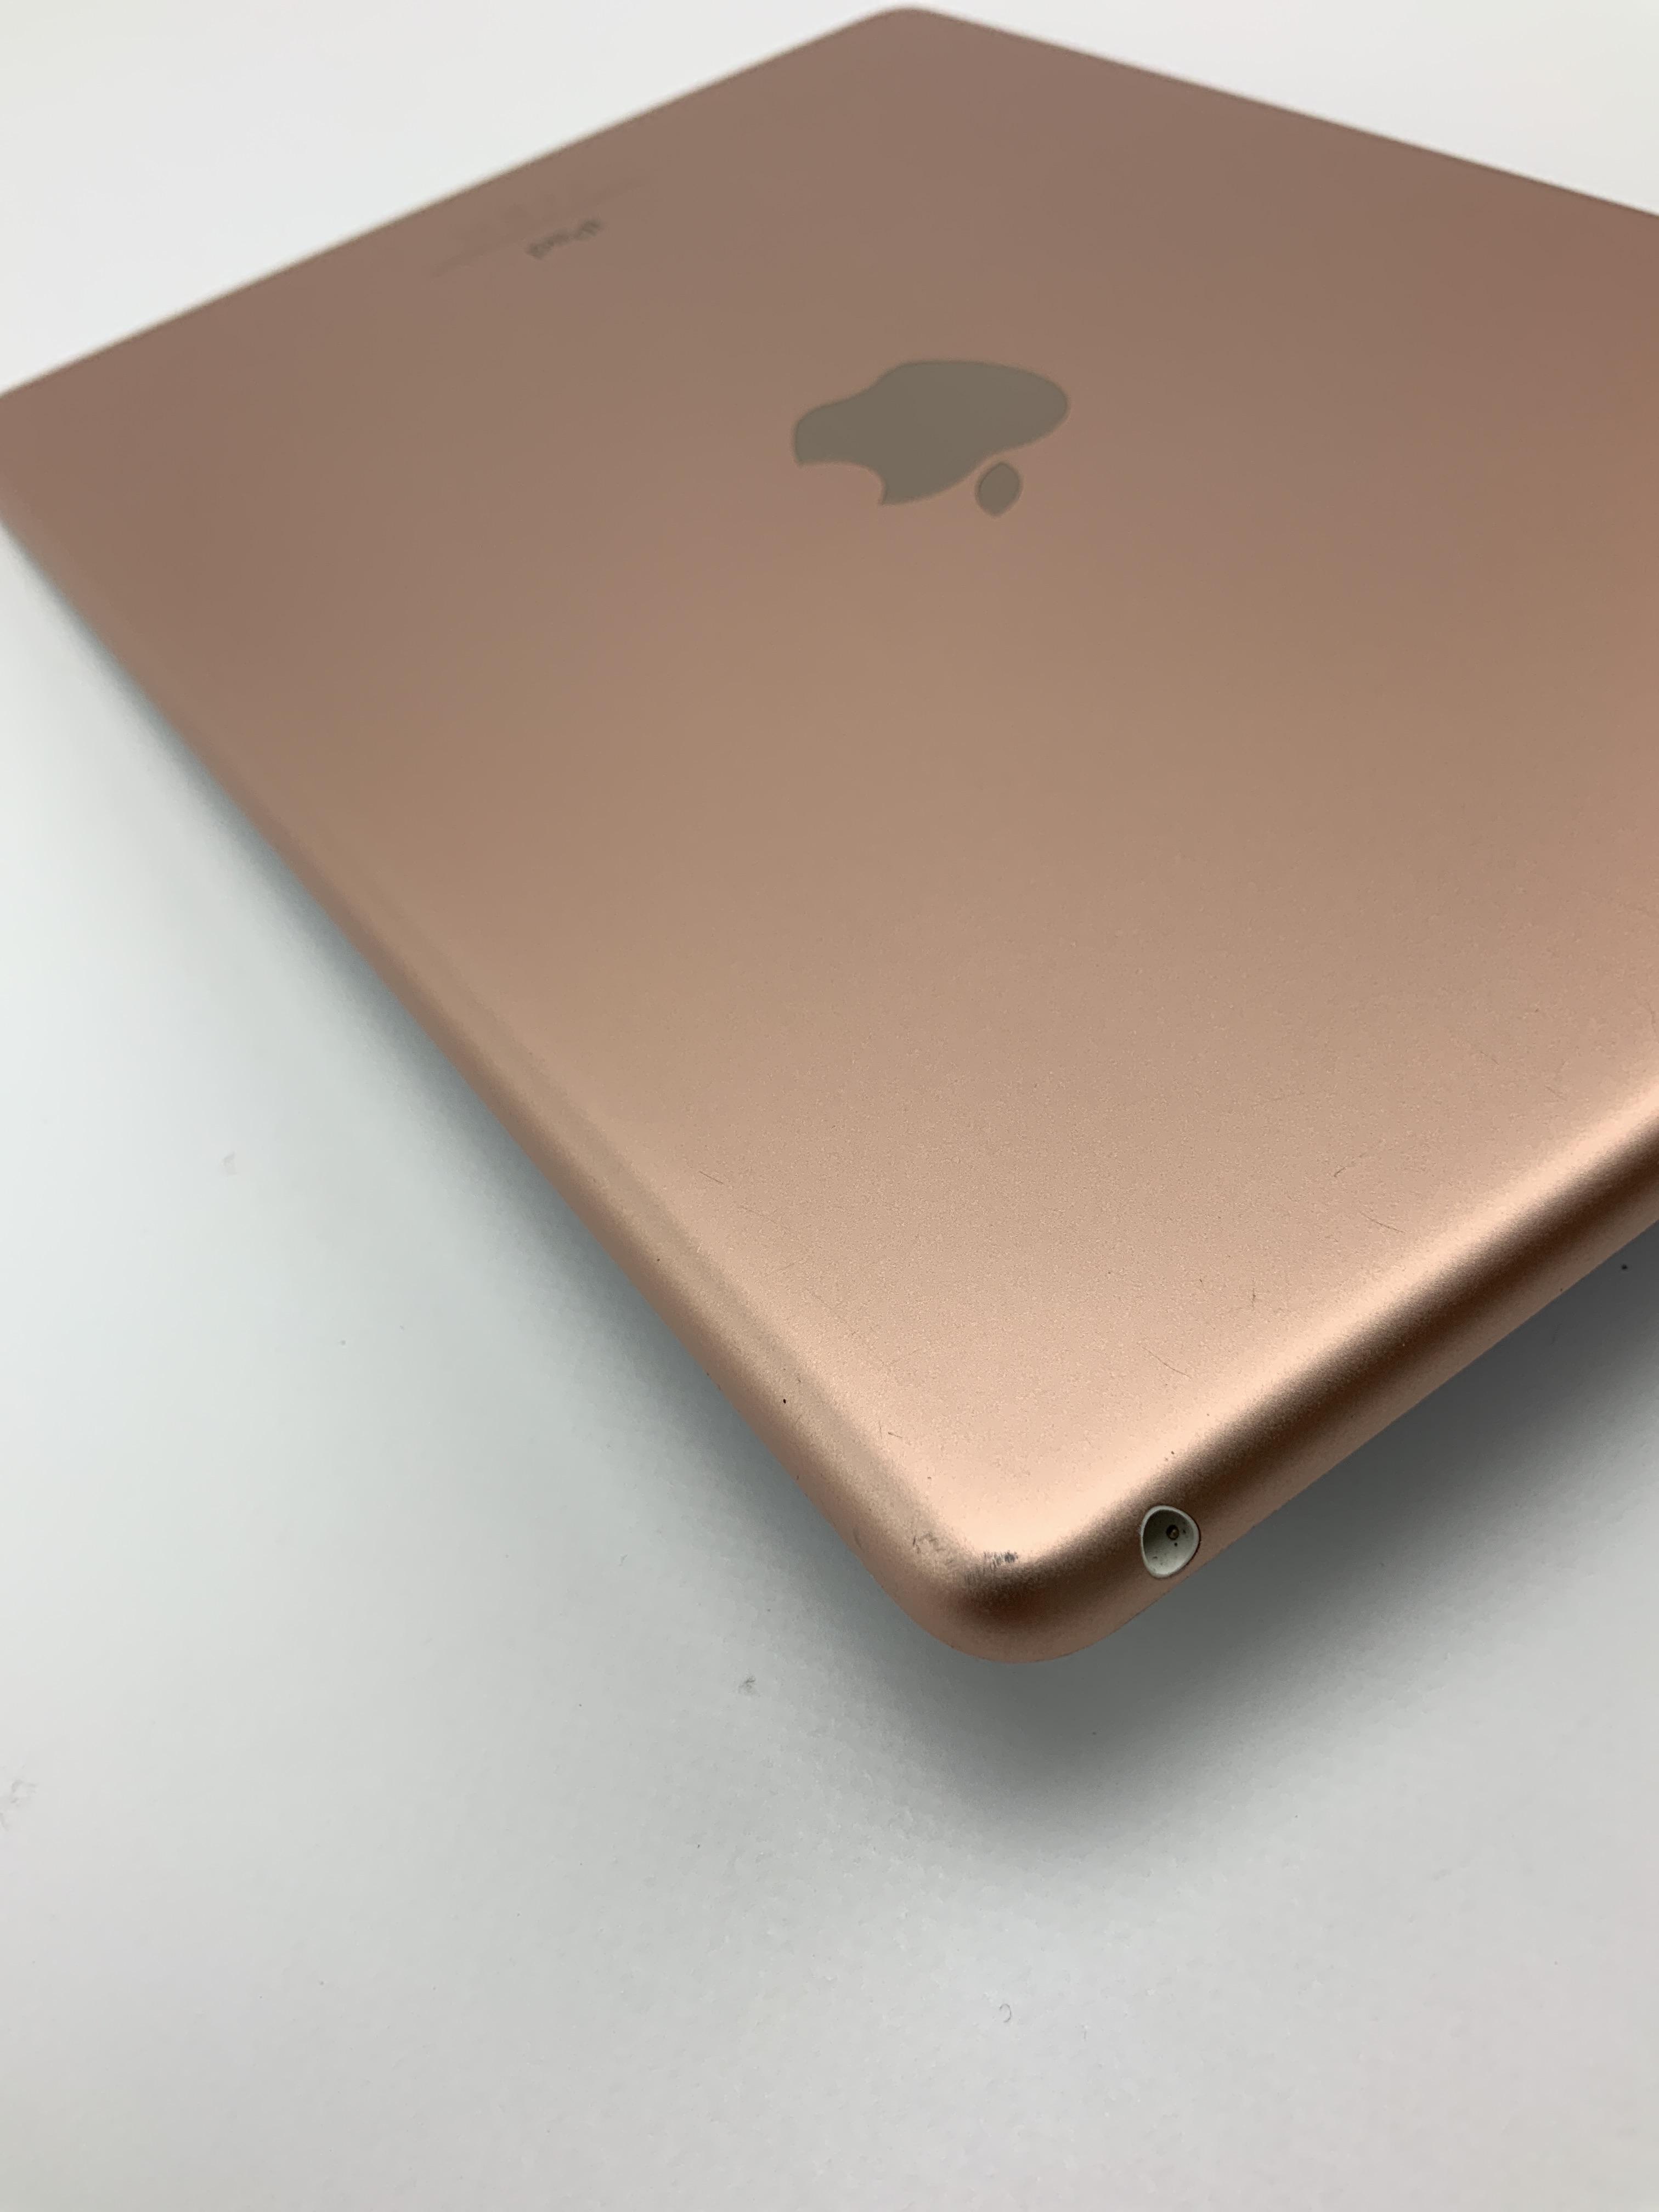 iPad 6 Wi-Fi 32GB, 32GB, Gold, image 5